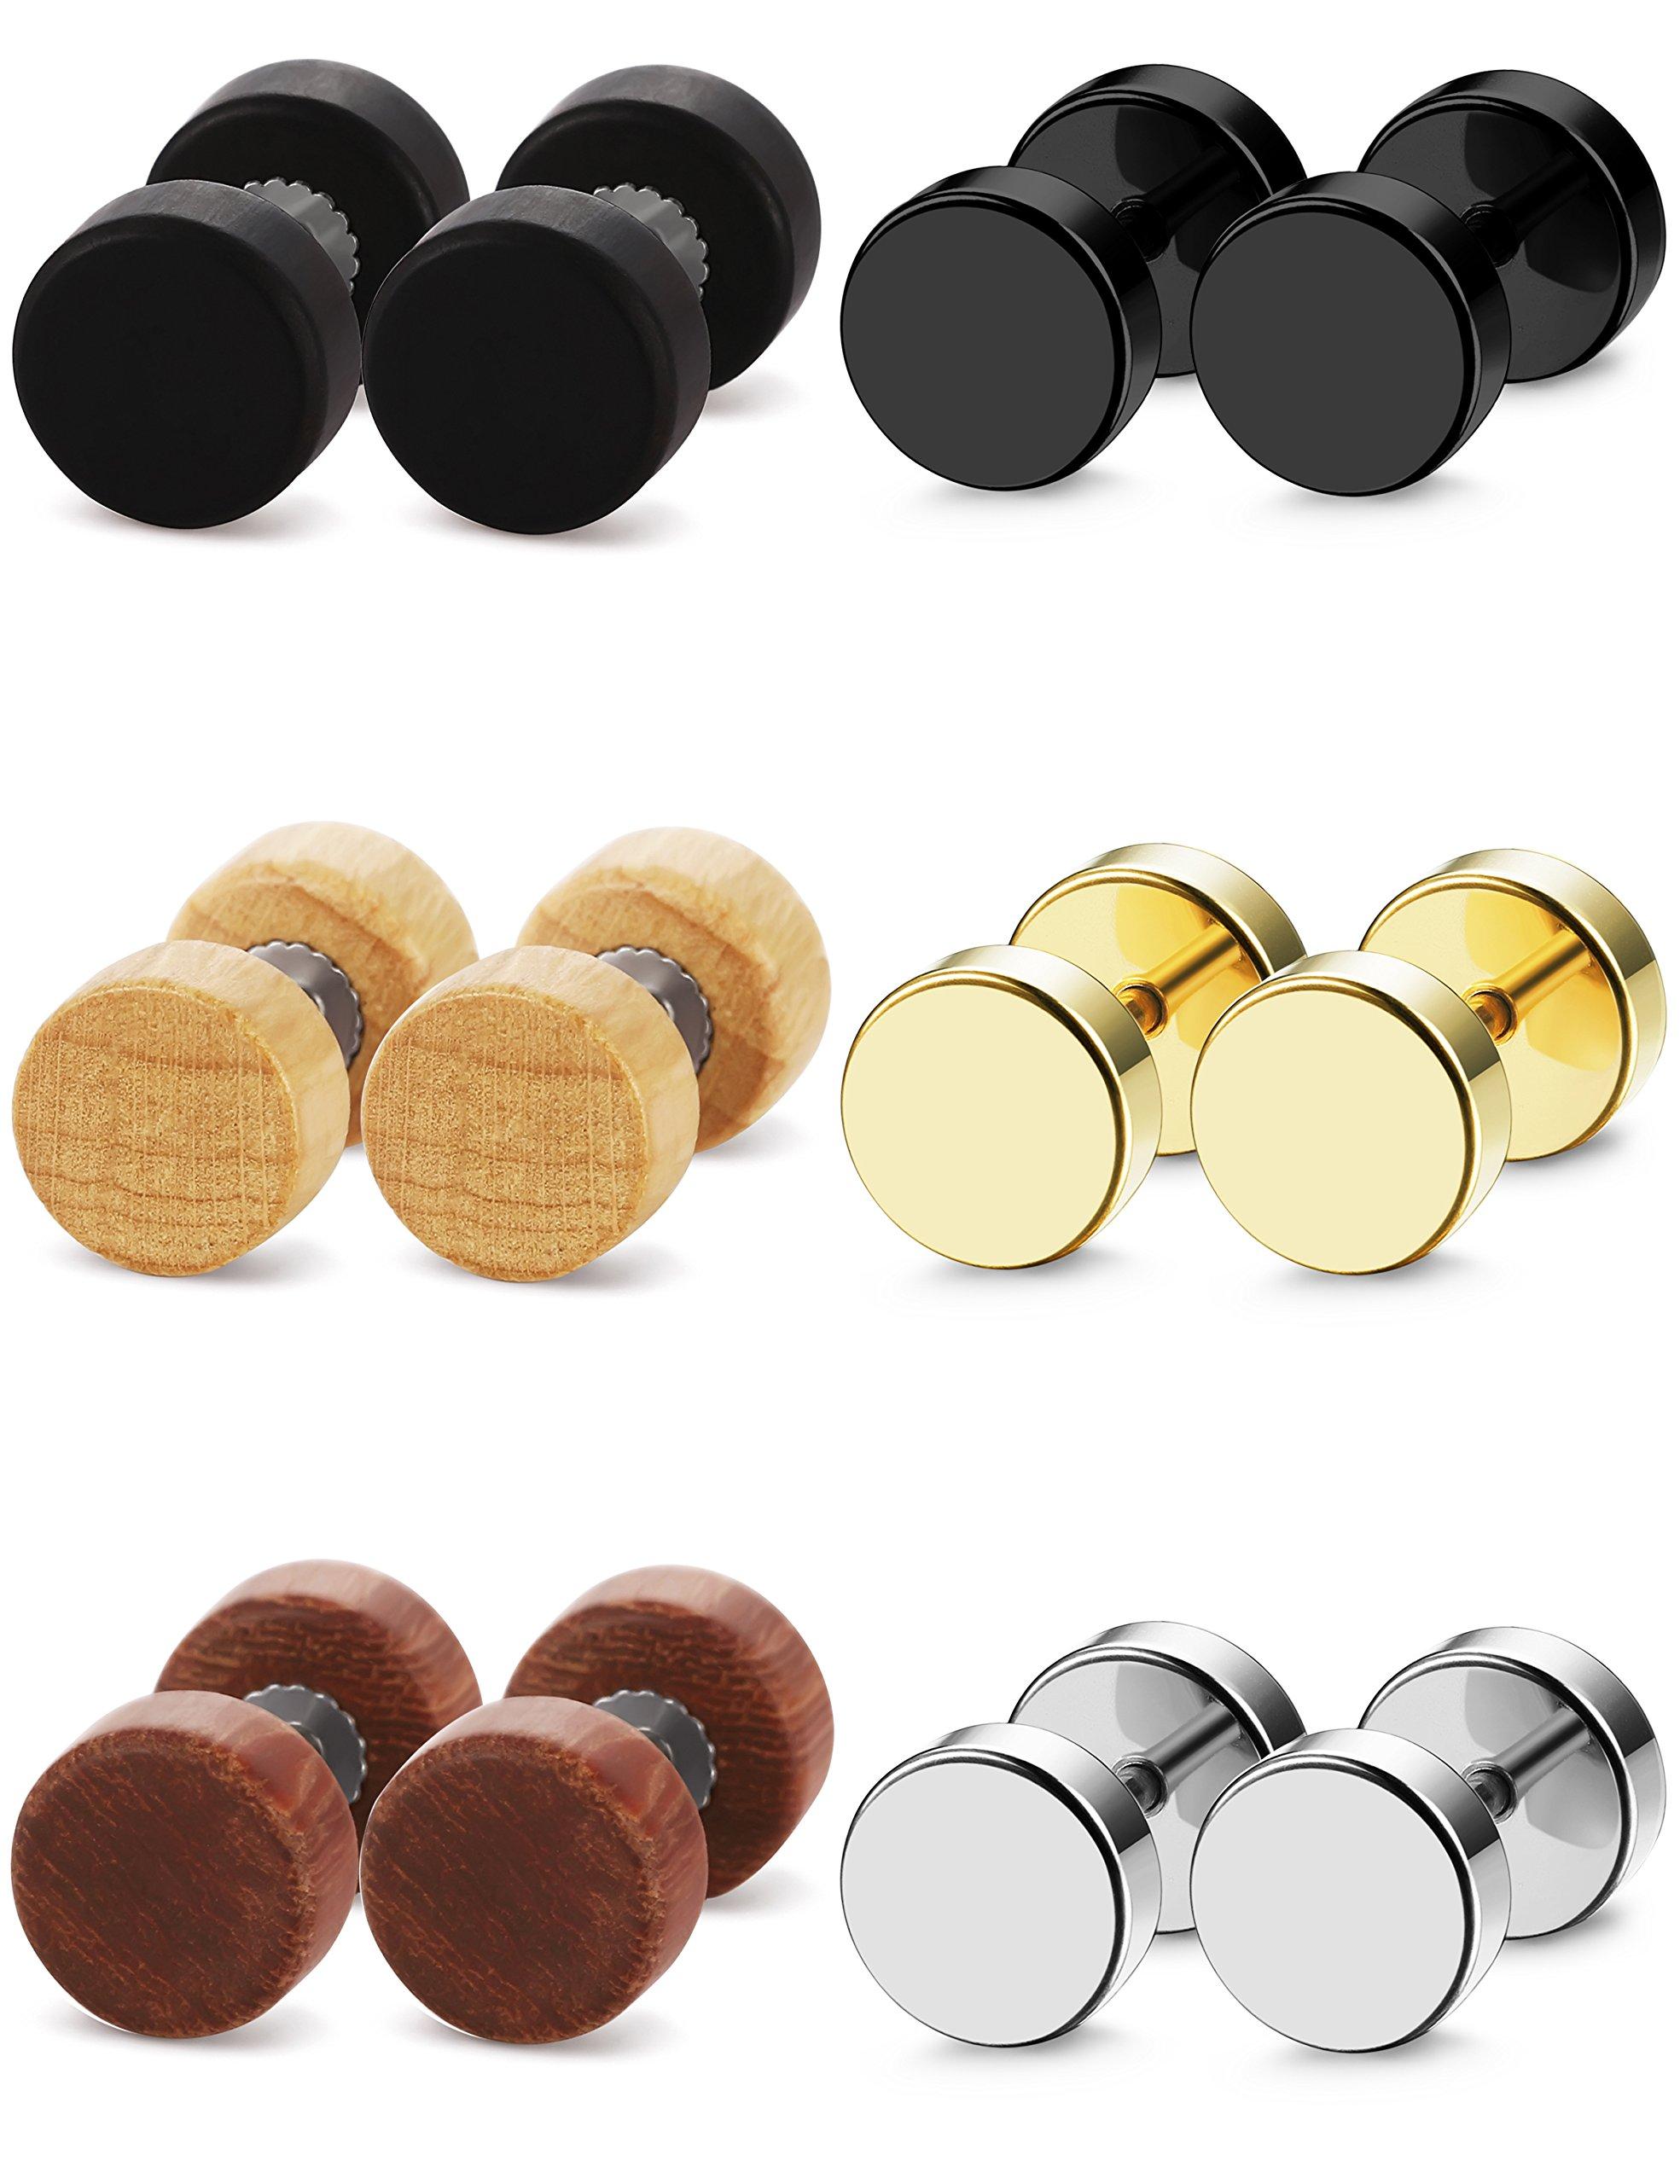 FIBO STEEL 6 Pairs Stud Earrings for Men Women Ear Piercing Ear Plugs Tunnel 18G,6MM